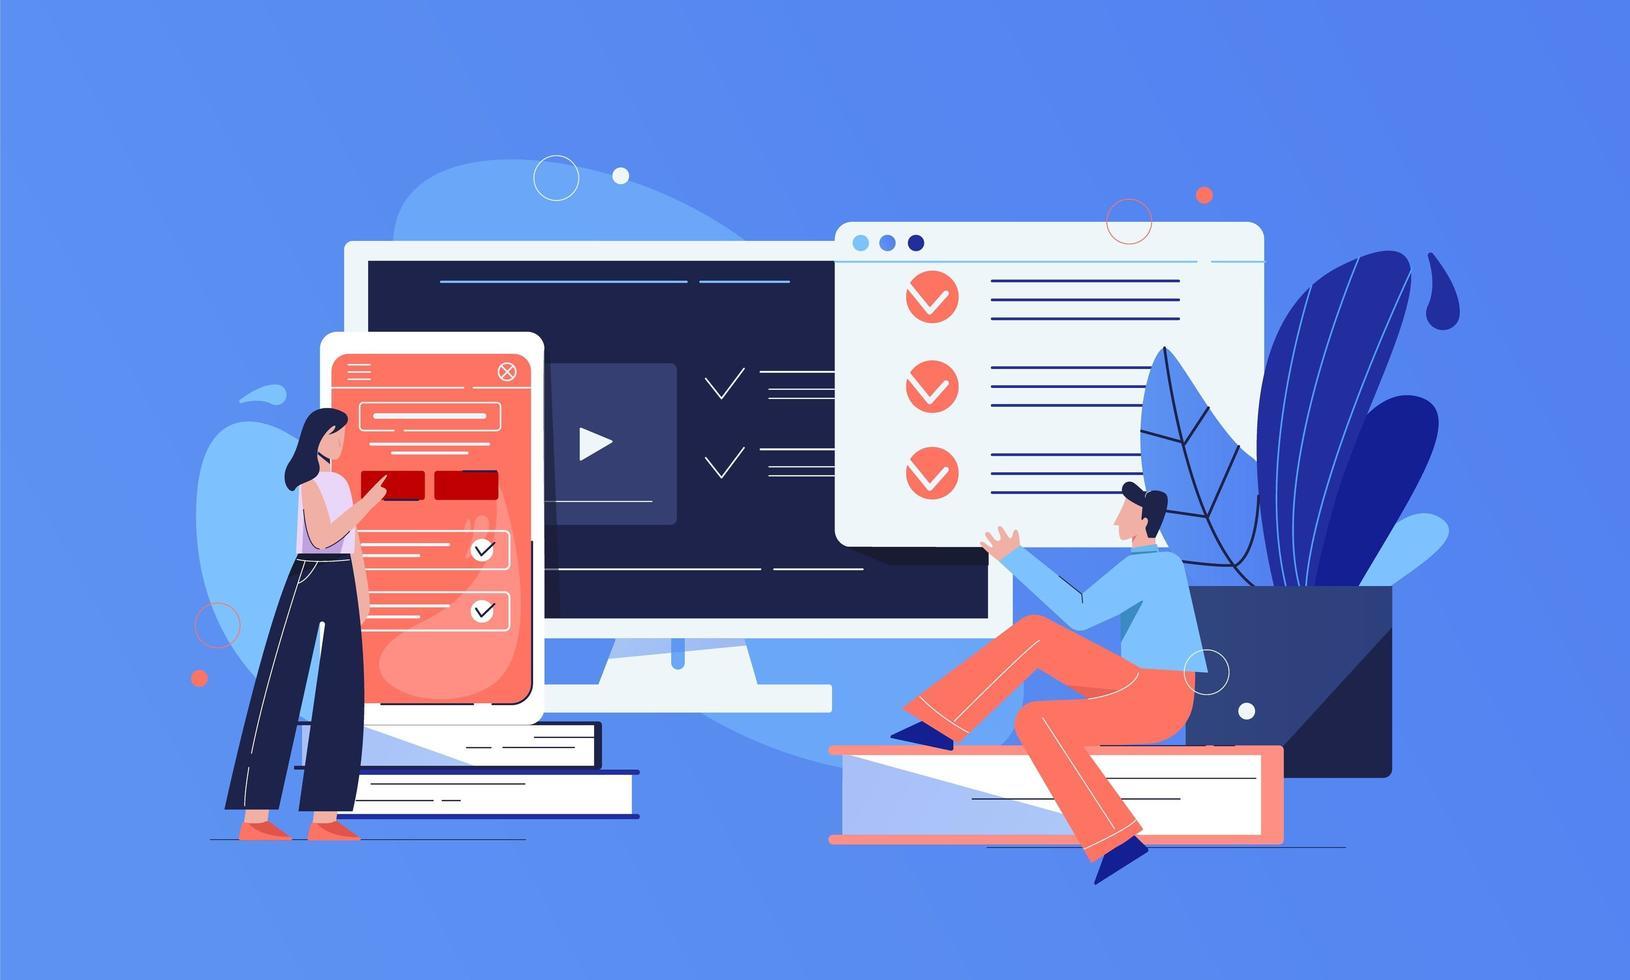 teste conceito de aplicação online vetor